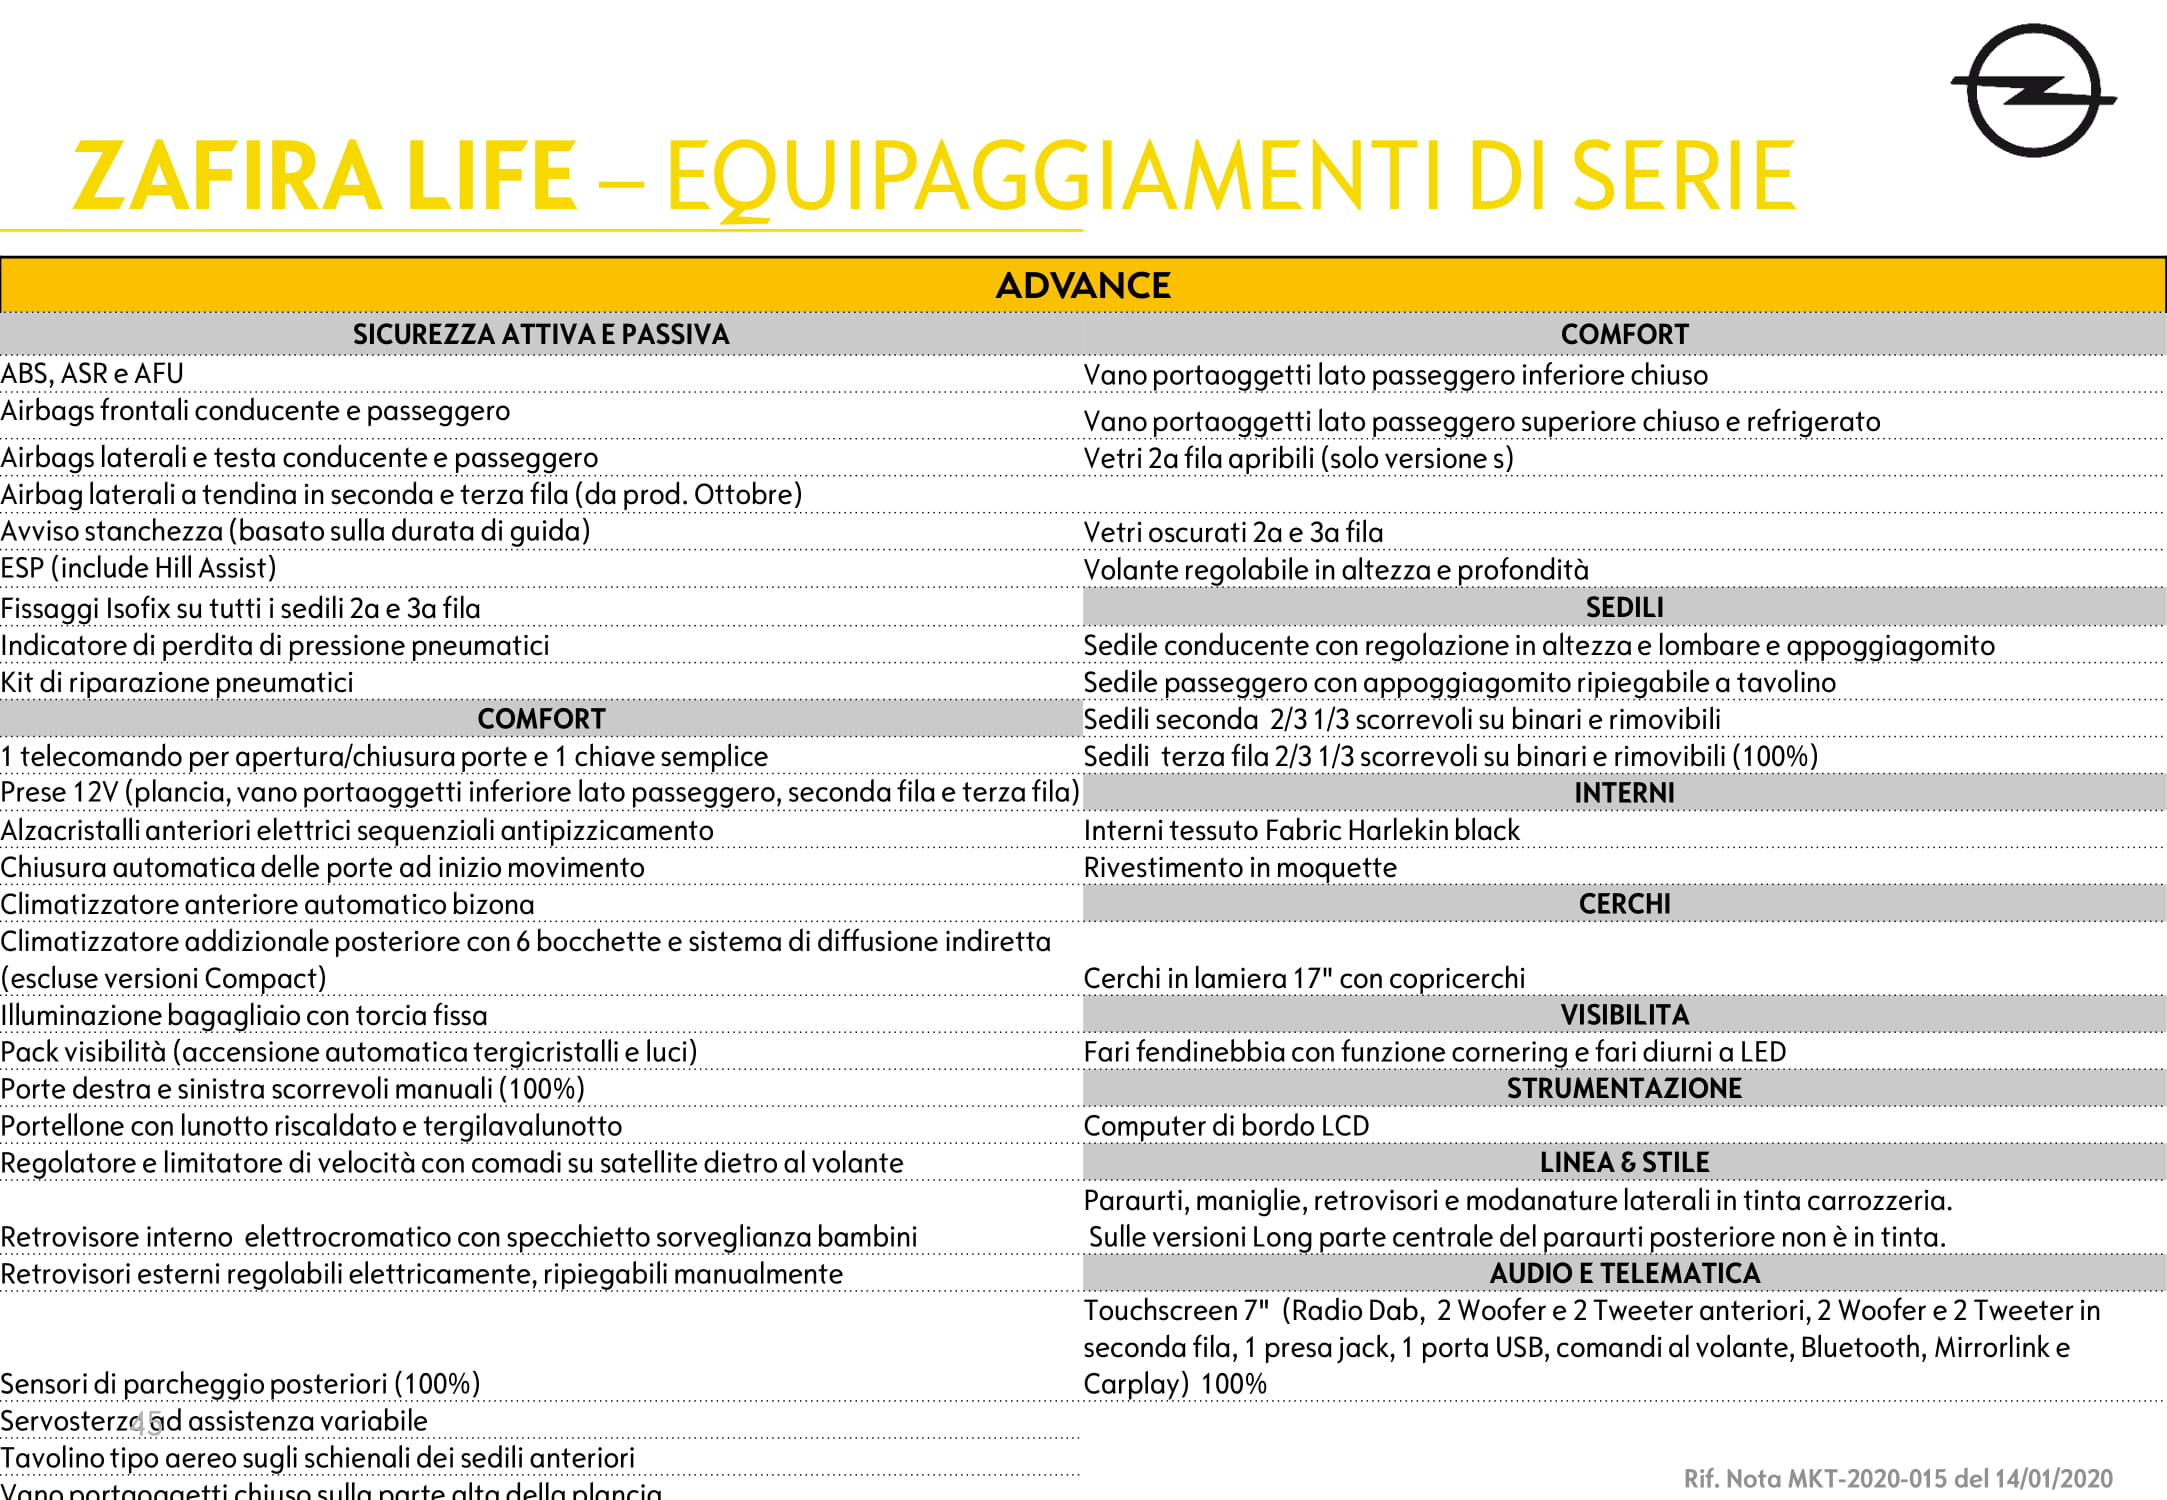 equip zafira life-1